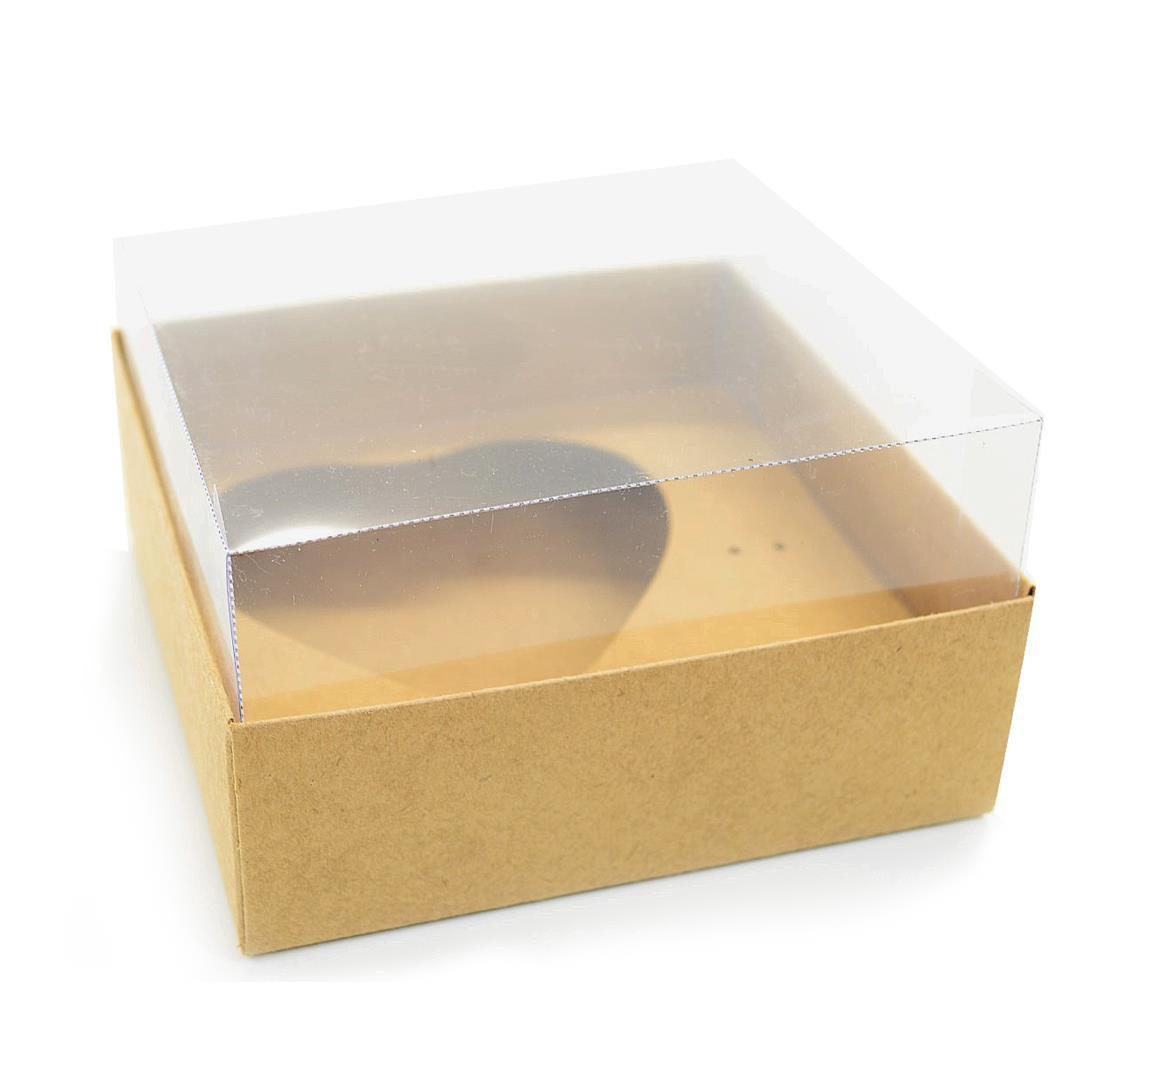 Ref 003 Kraft - Caixa Coração 200gr. c/ tampa Transparente ALTA - 14x14x6 cm - c/ 10 unidades